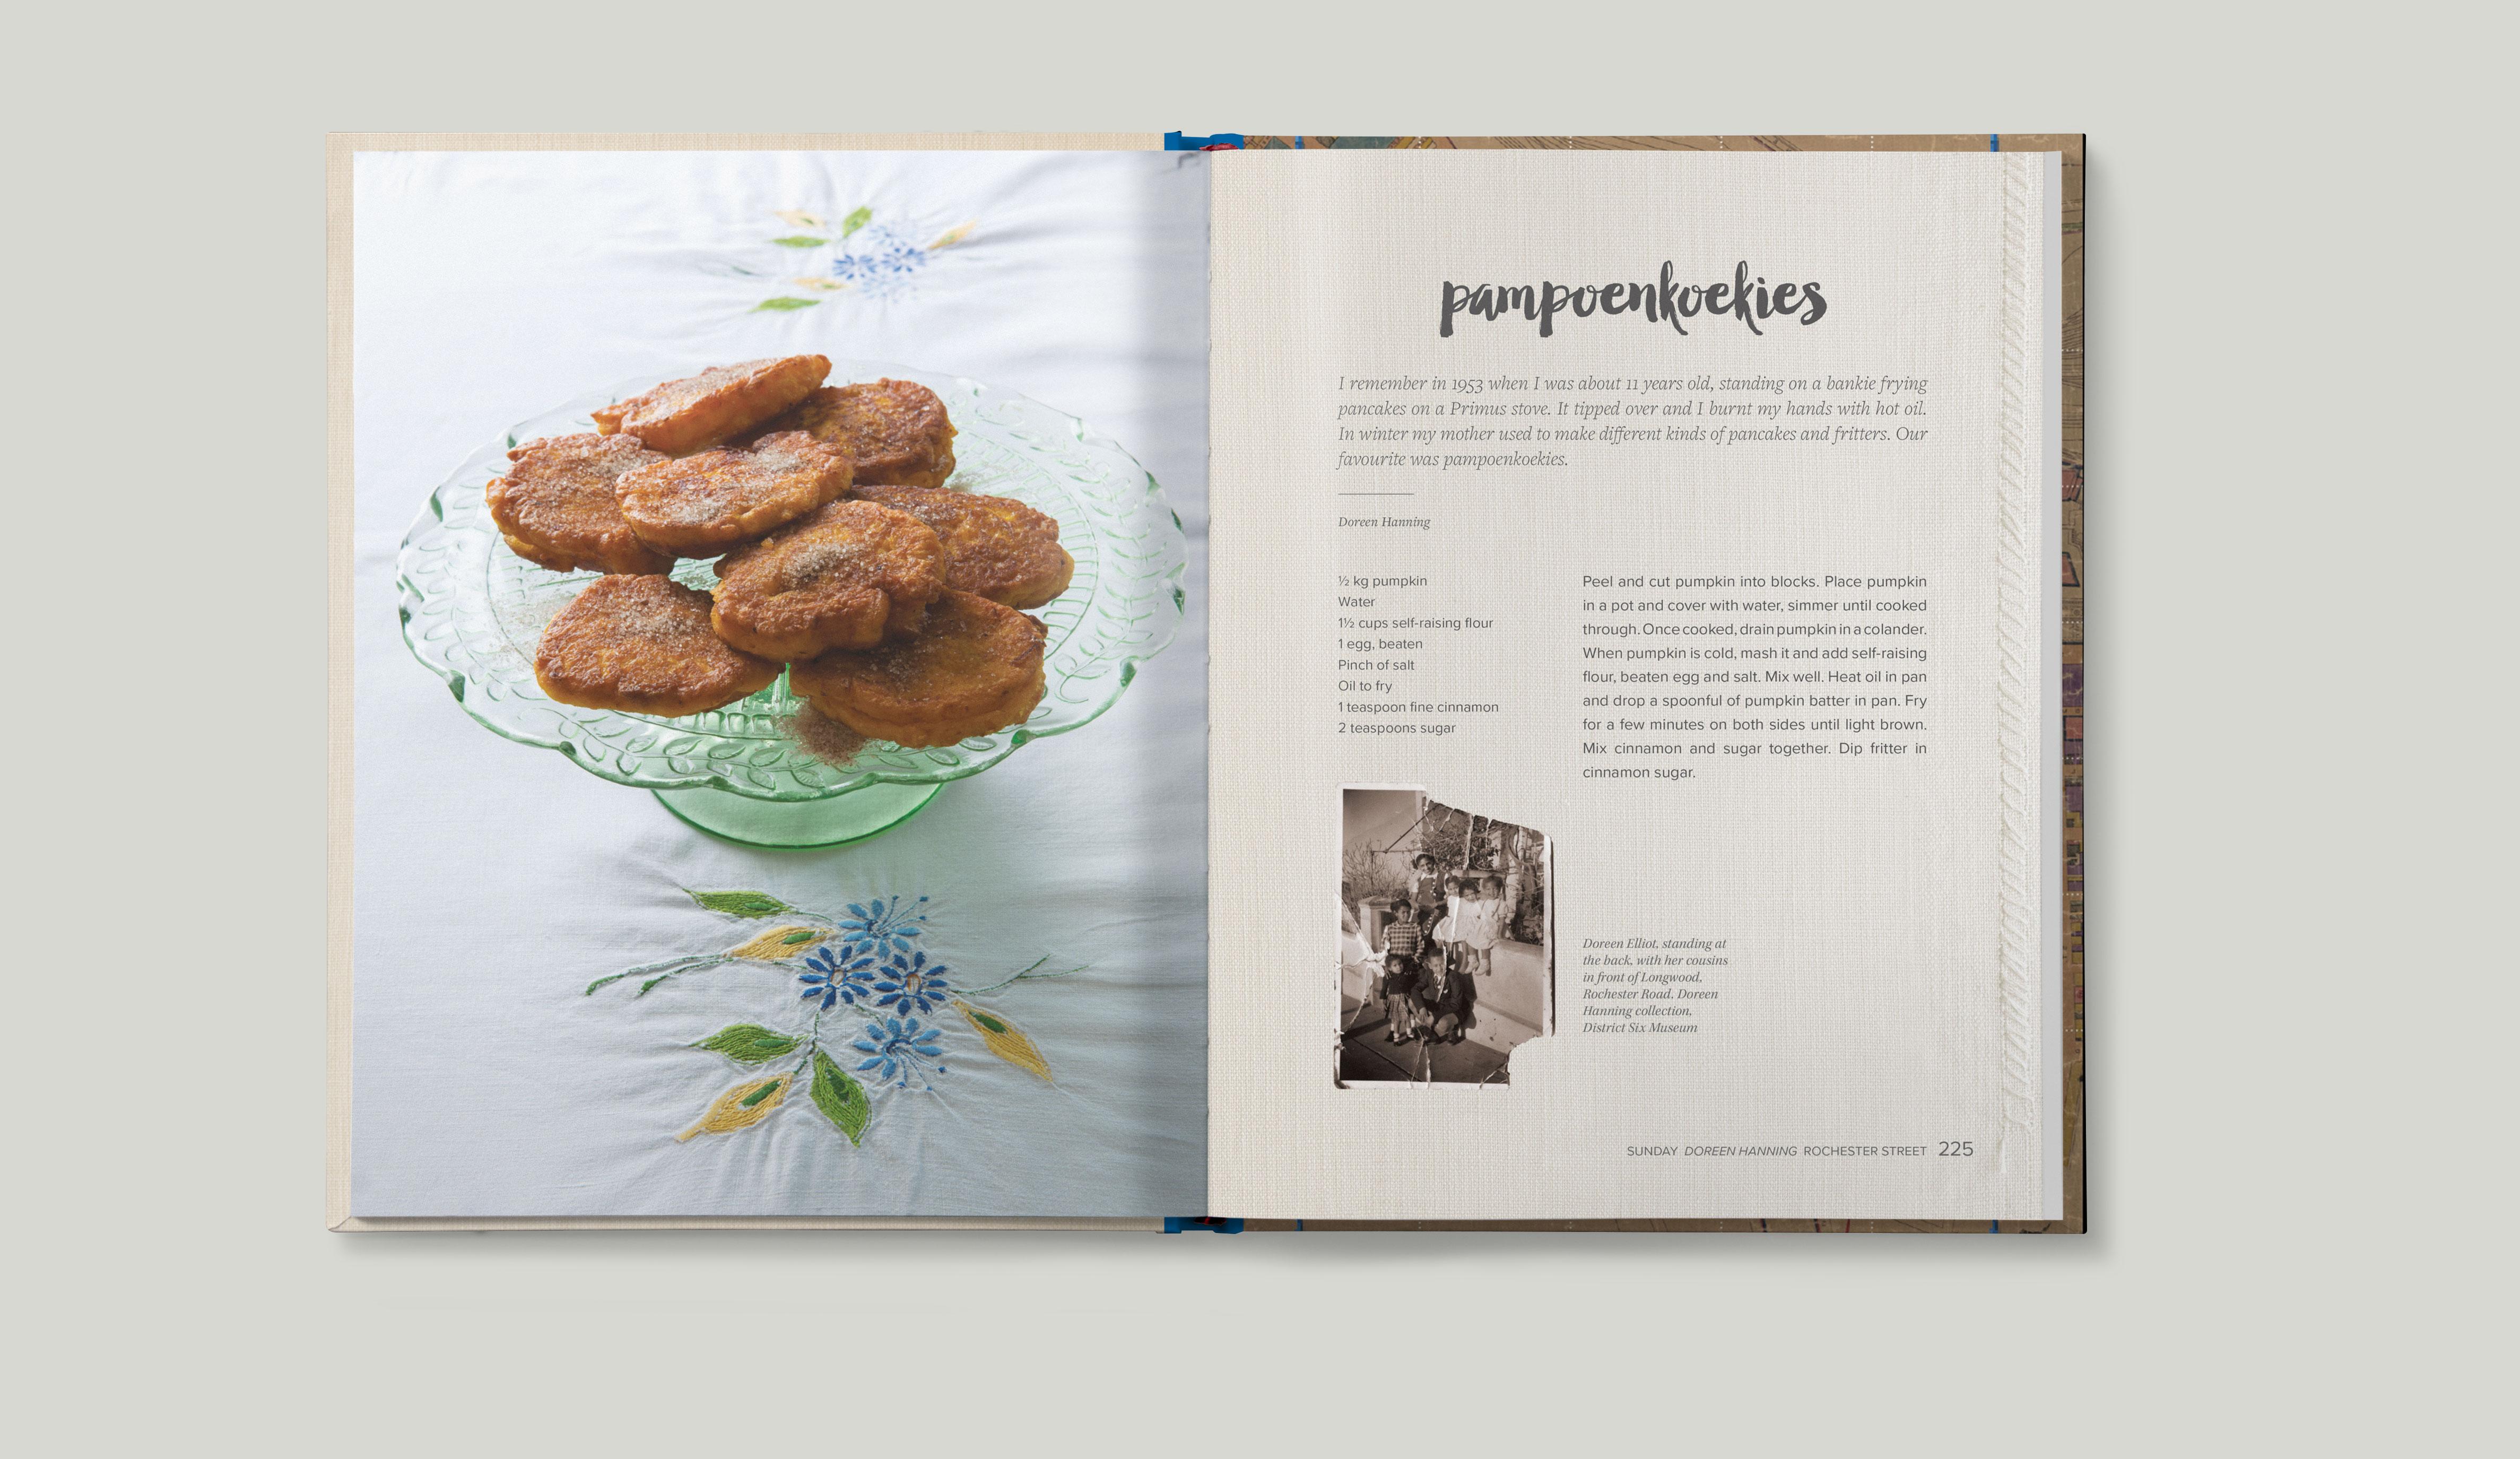 district-six-huis-kombuis-pampoenkoekies-heritage-budget-recipe